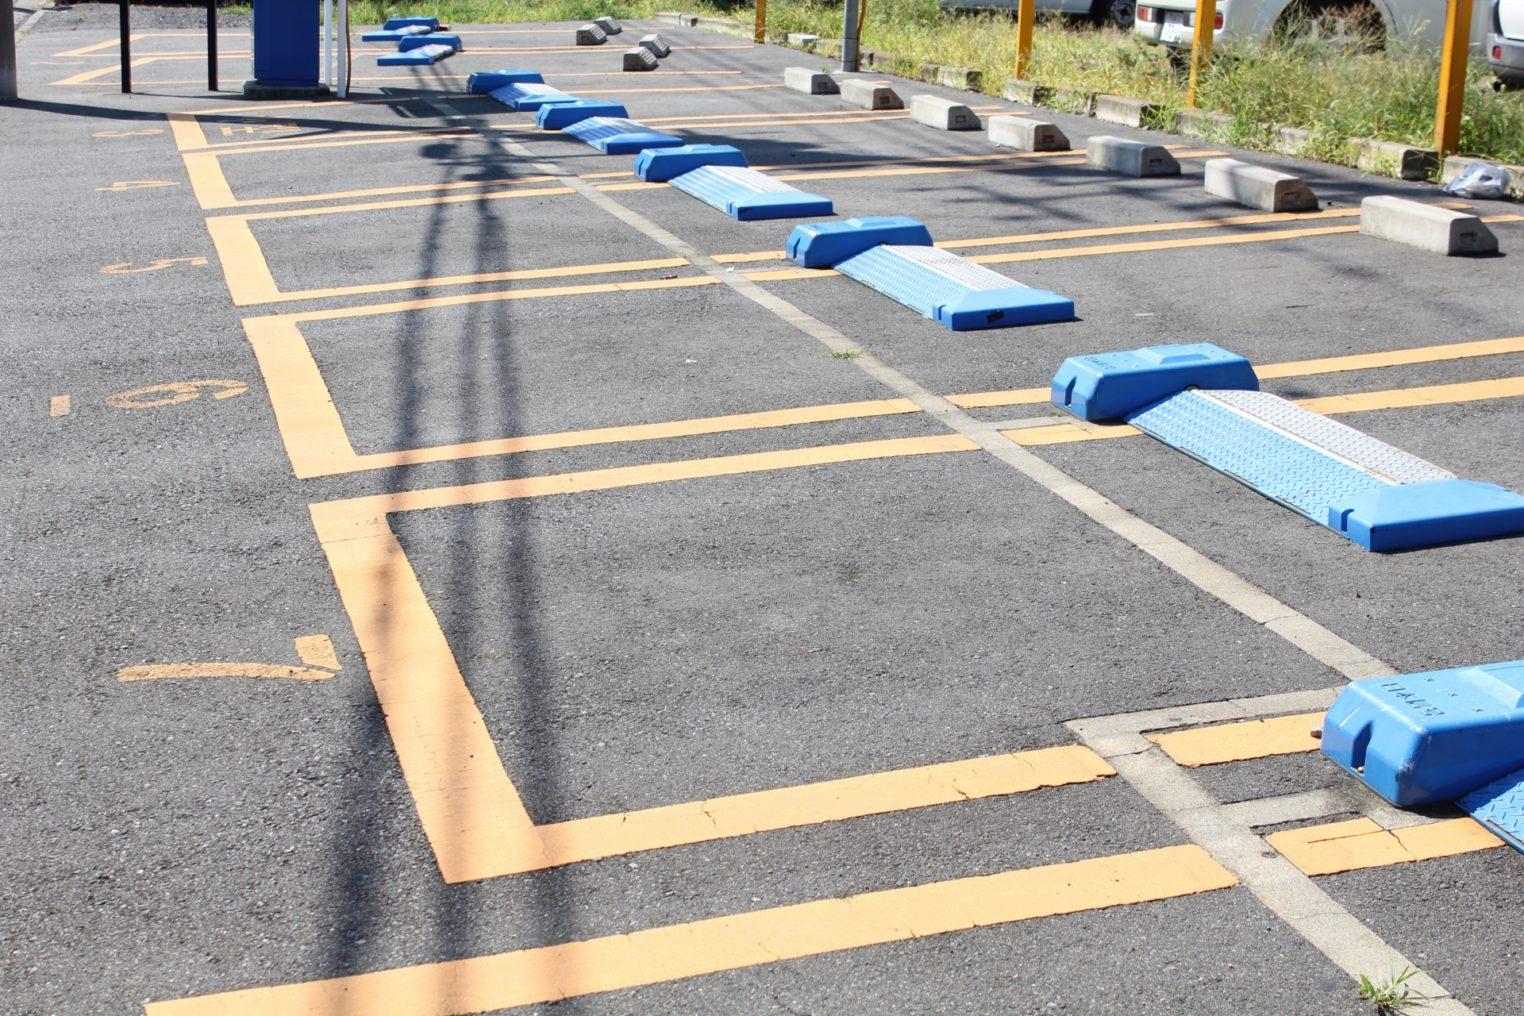 駐車場管理会社を選ぶ際に見るべき3つのポイント